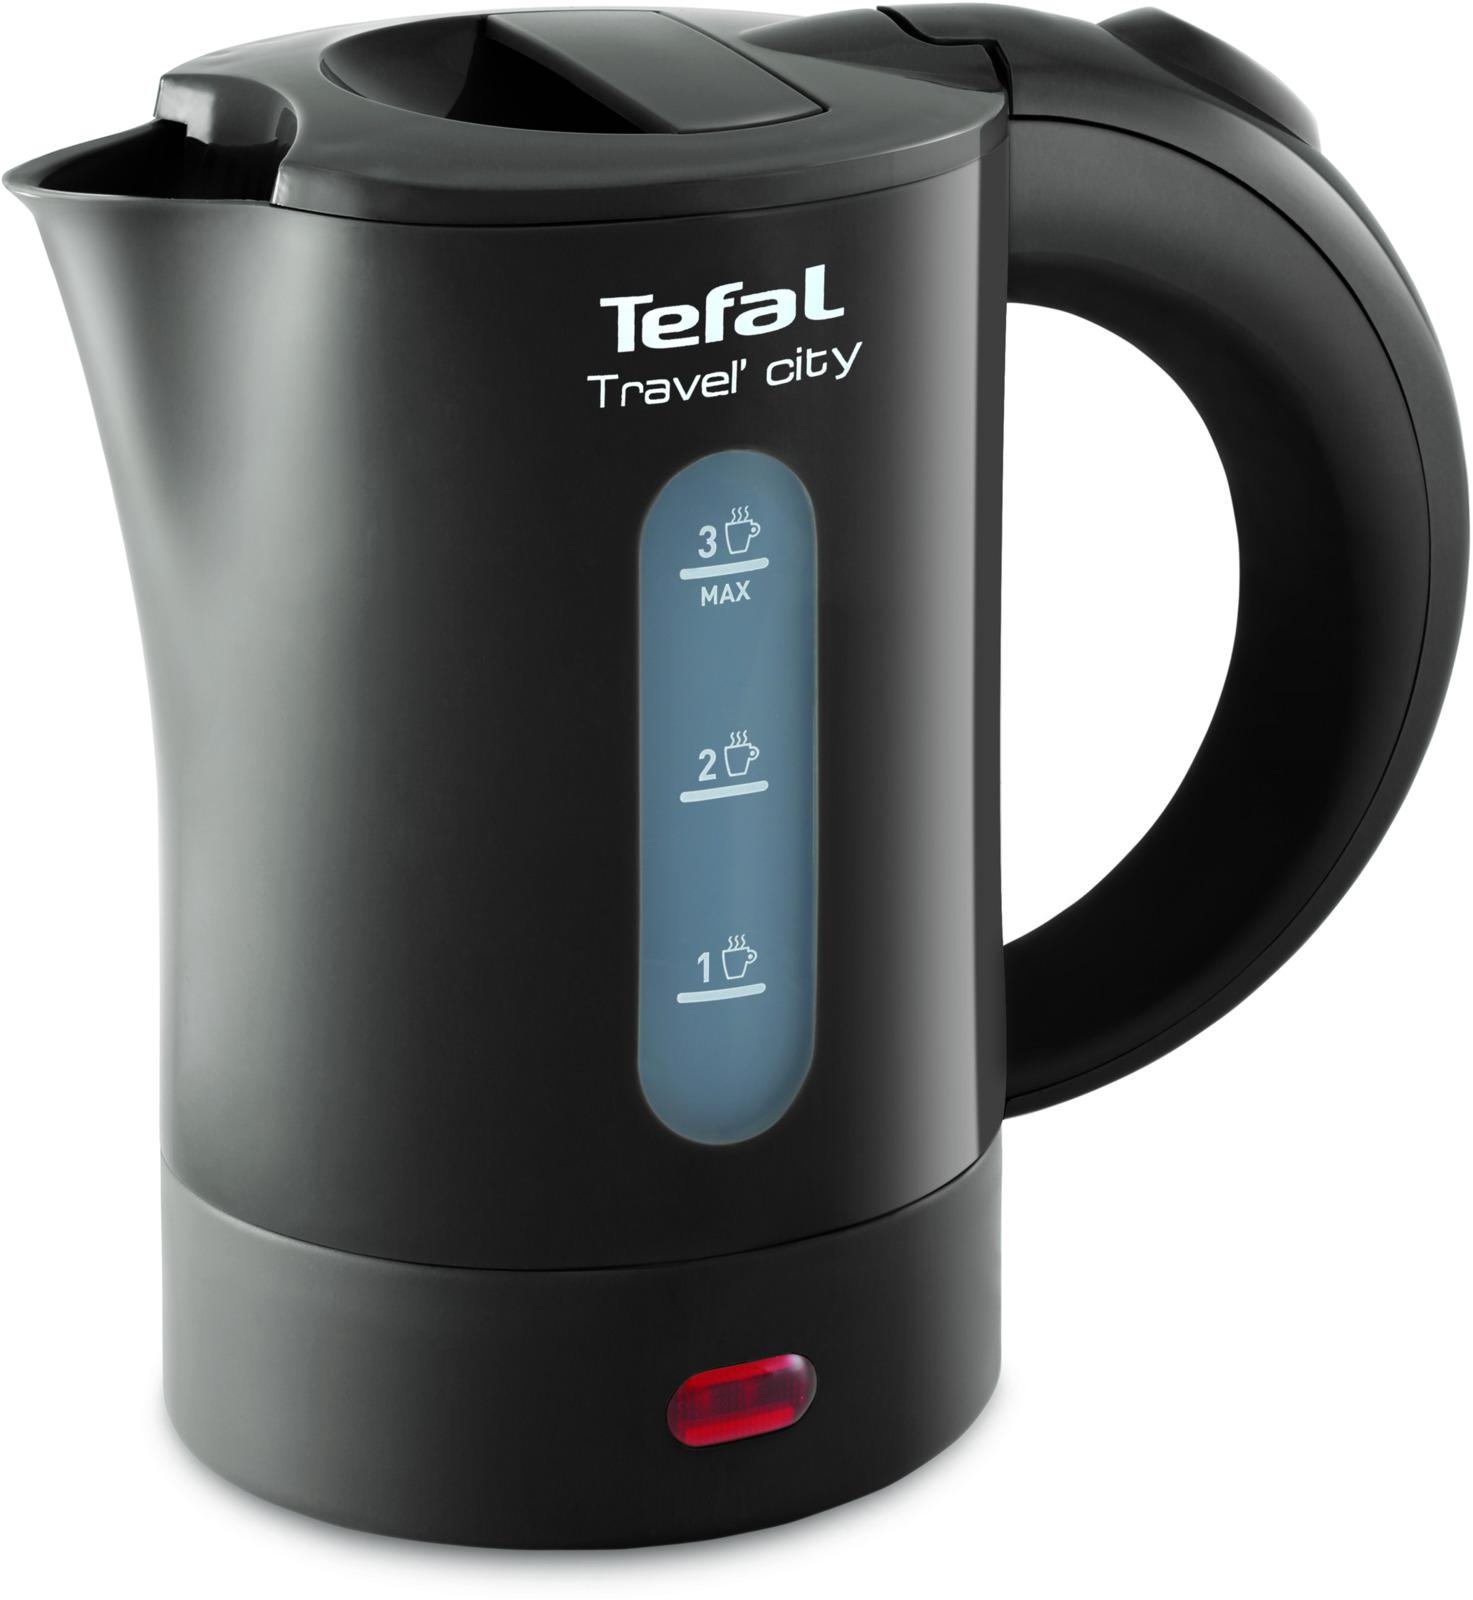 Электрический чайник Tefal KO120B30 Grey чайник электрический tefal ko 270130